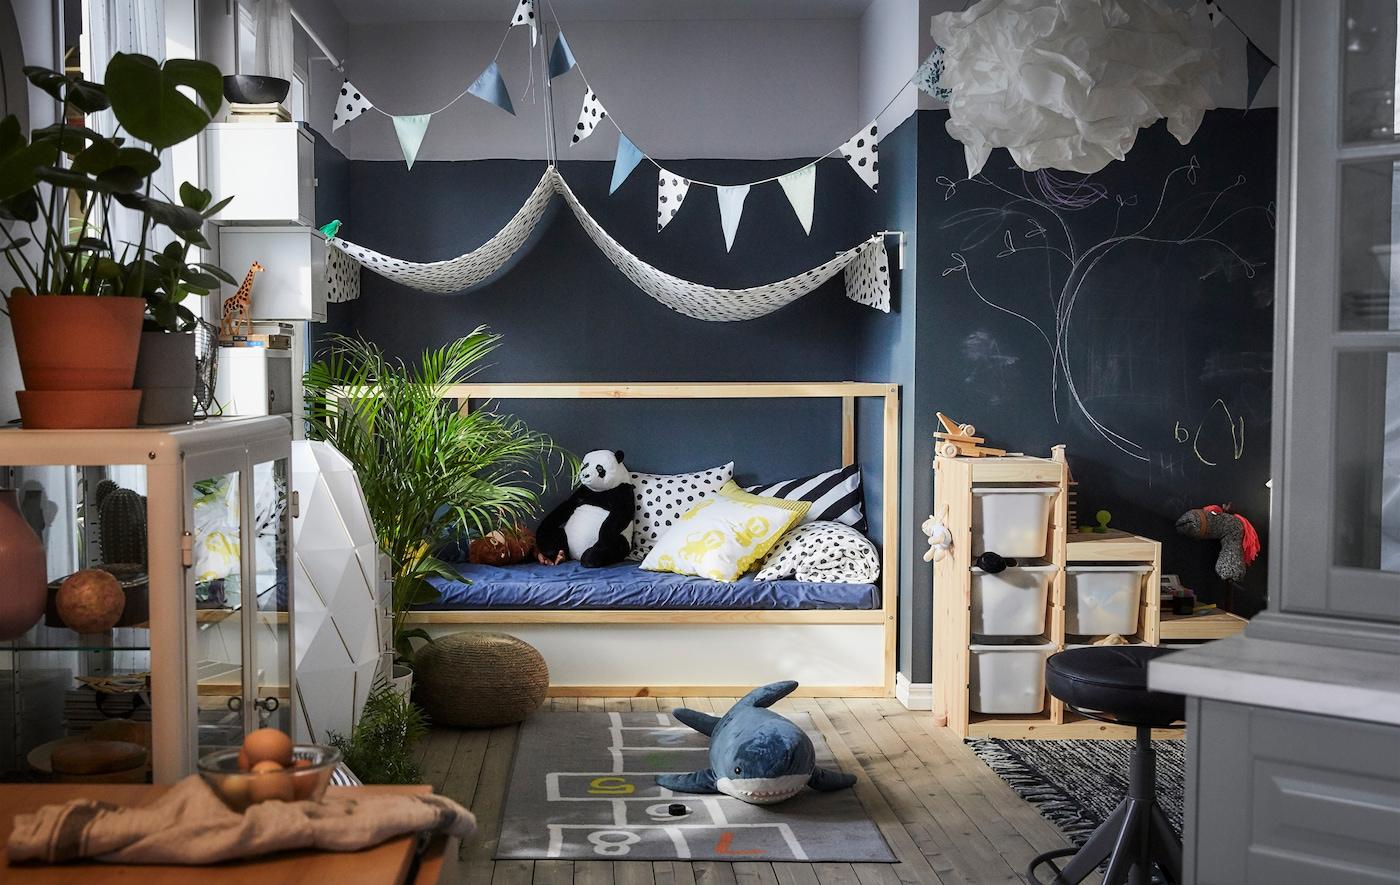 Una zona de juegos con un dosel de tela sobre la cama, peluches, una alfombra estampada y cajas de almacenaje.